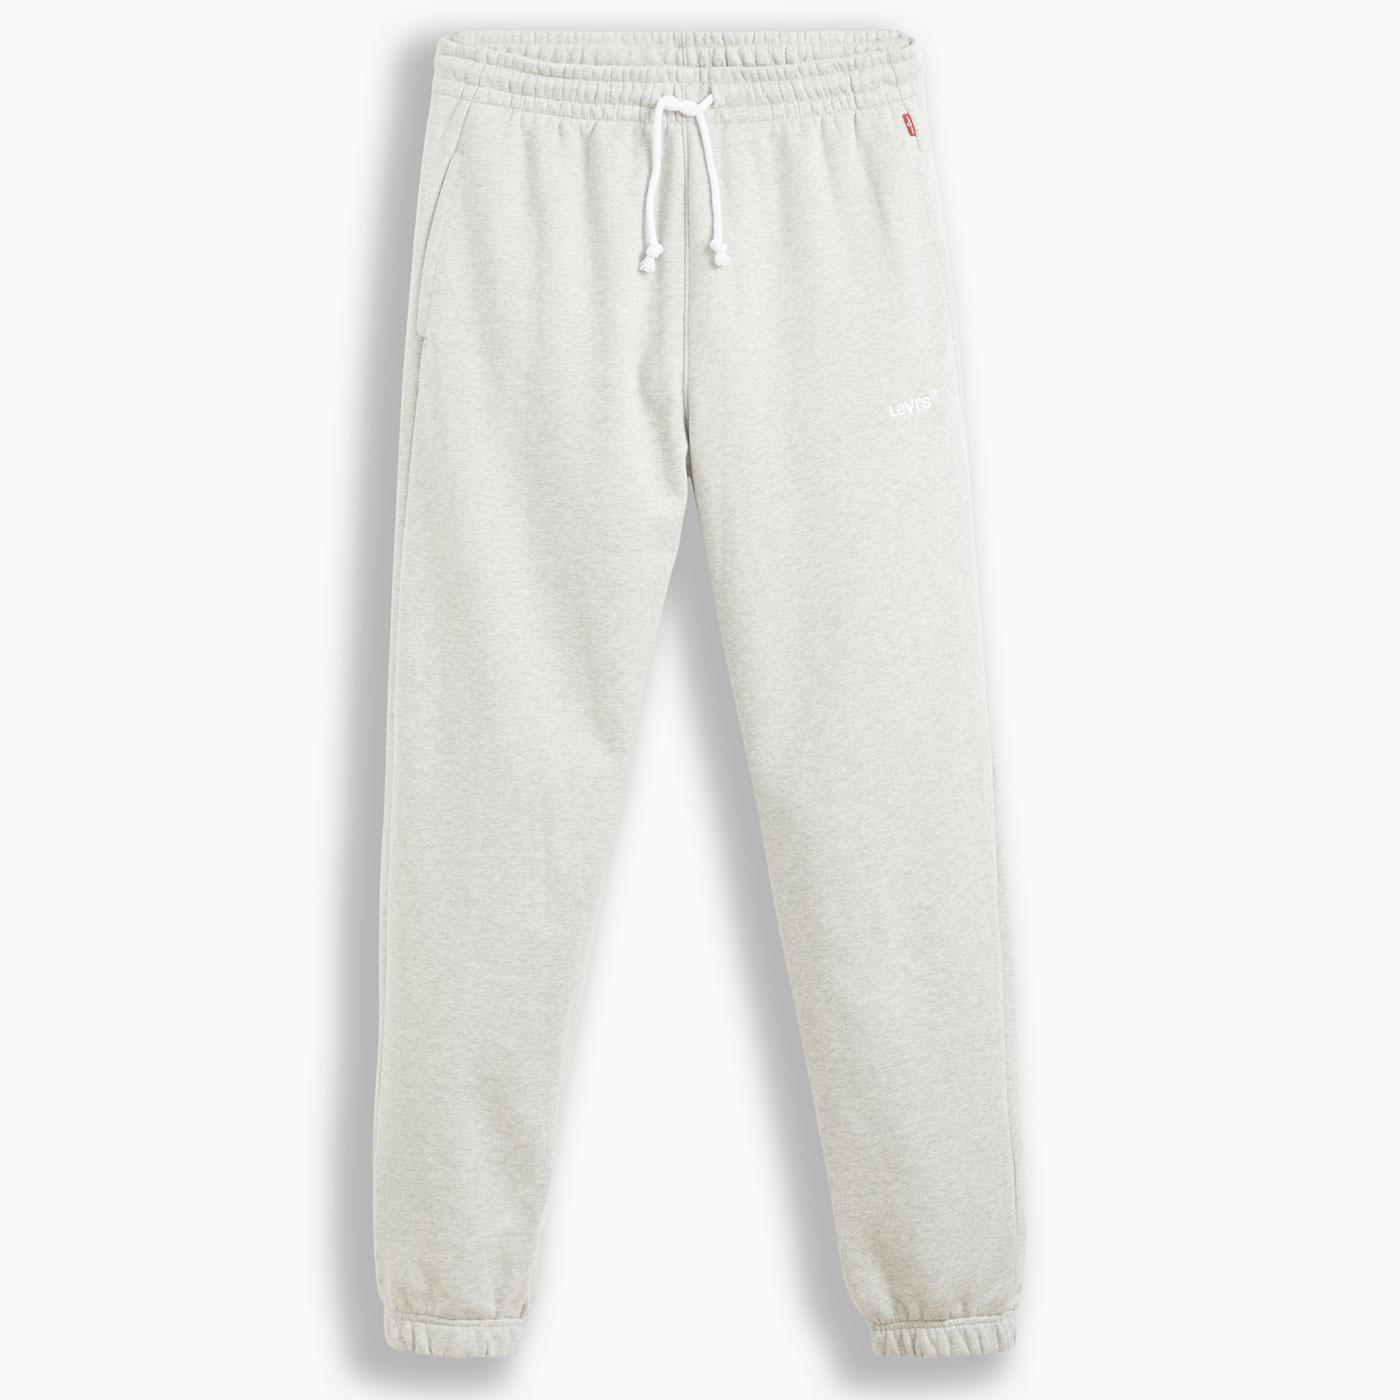 LEVI'S Red Tab Vintage Fit Sweatpants (Light Mist)